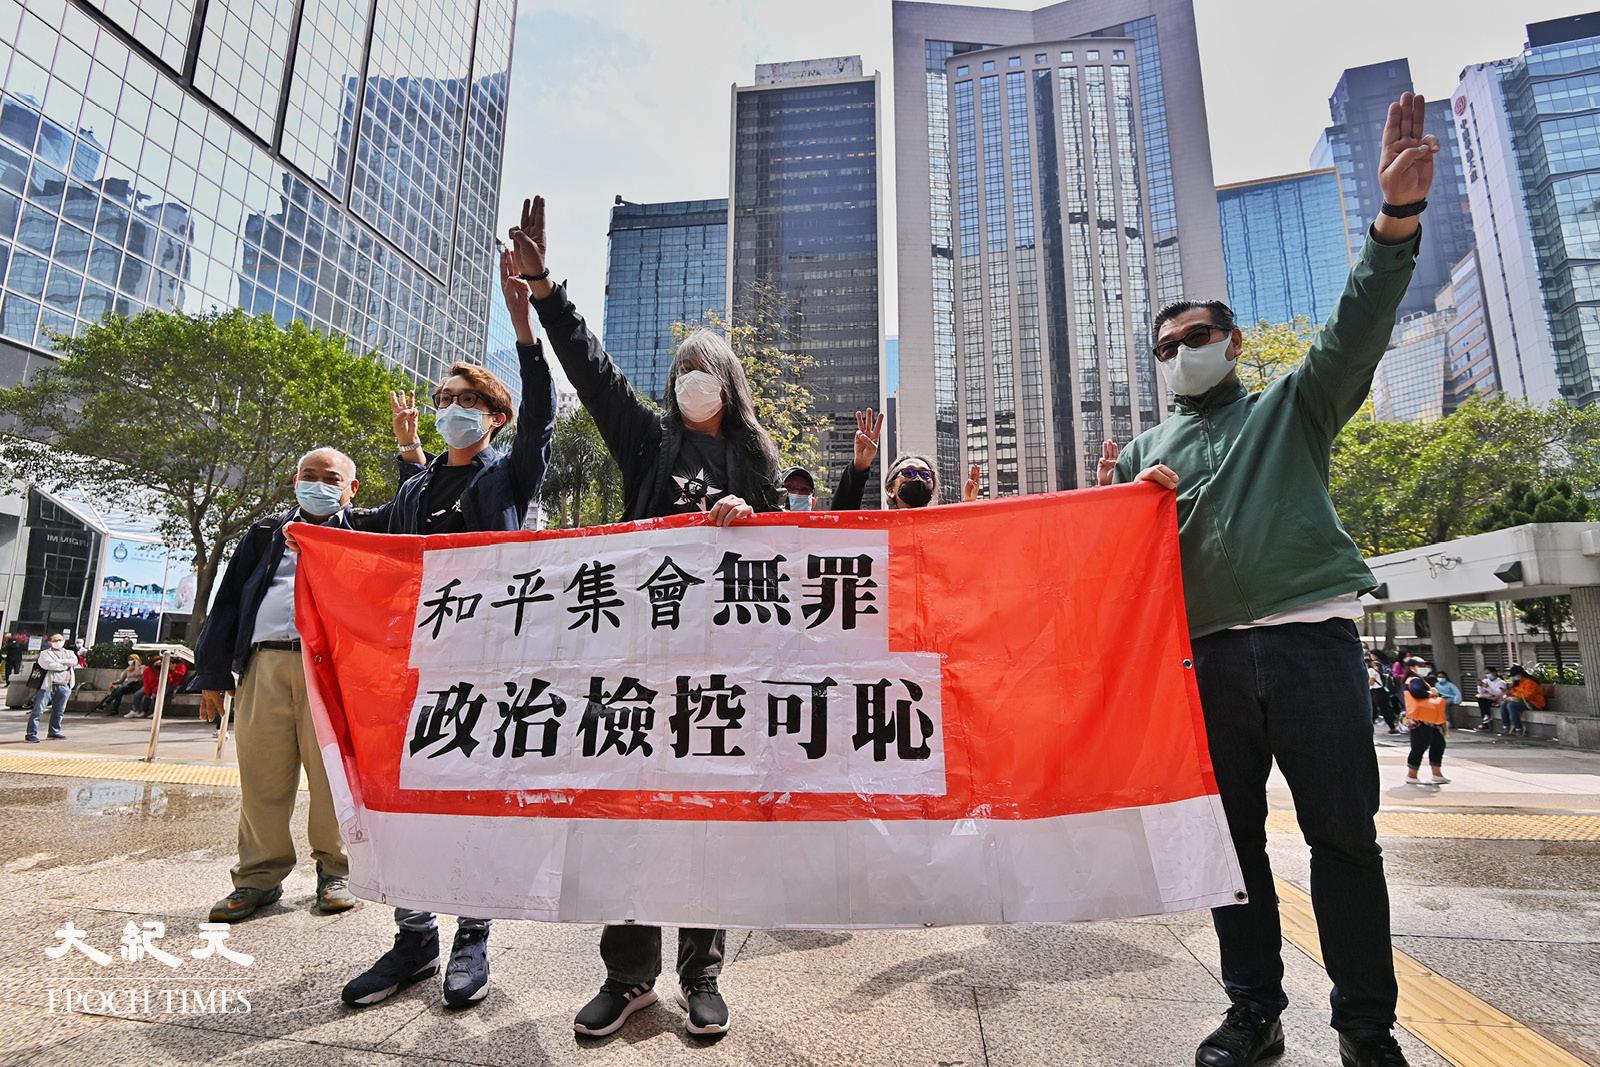 2月25日下午,梁國雄等人進入區域法院前手持「和平集會無罪,政治檢控可恥」標語,並舉起3隻手指,聲援緬甸人反抗軍方政變。(宋碧龍/大紀元)